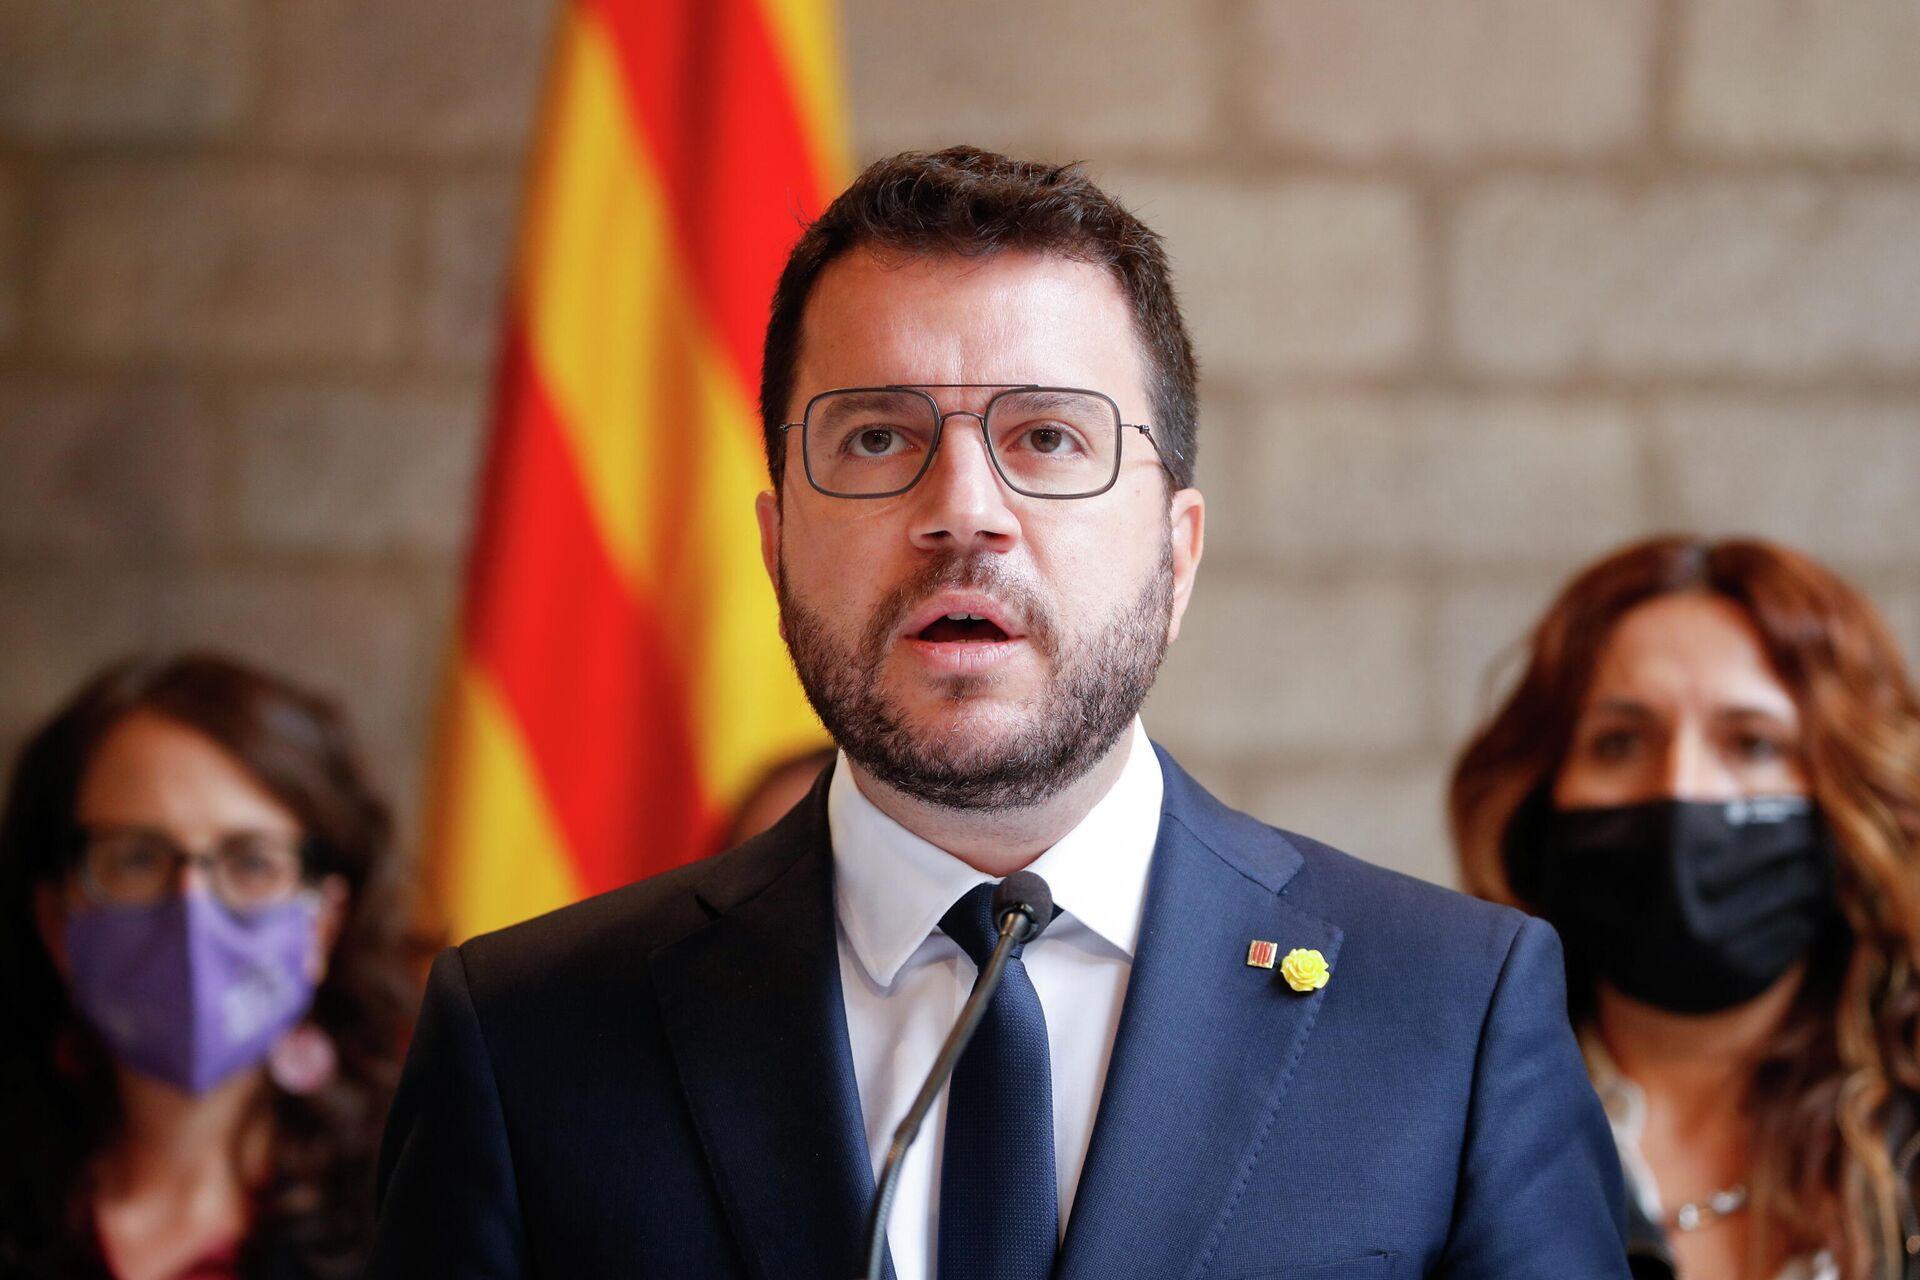 El presidente de la Generalitat de Cataluña, Pere Aragonès - Sputnik Mundo, 1920, 24.09.2021